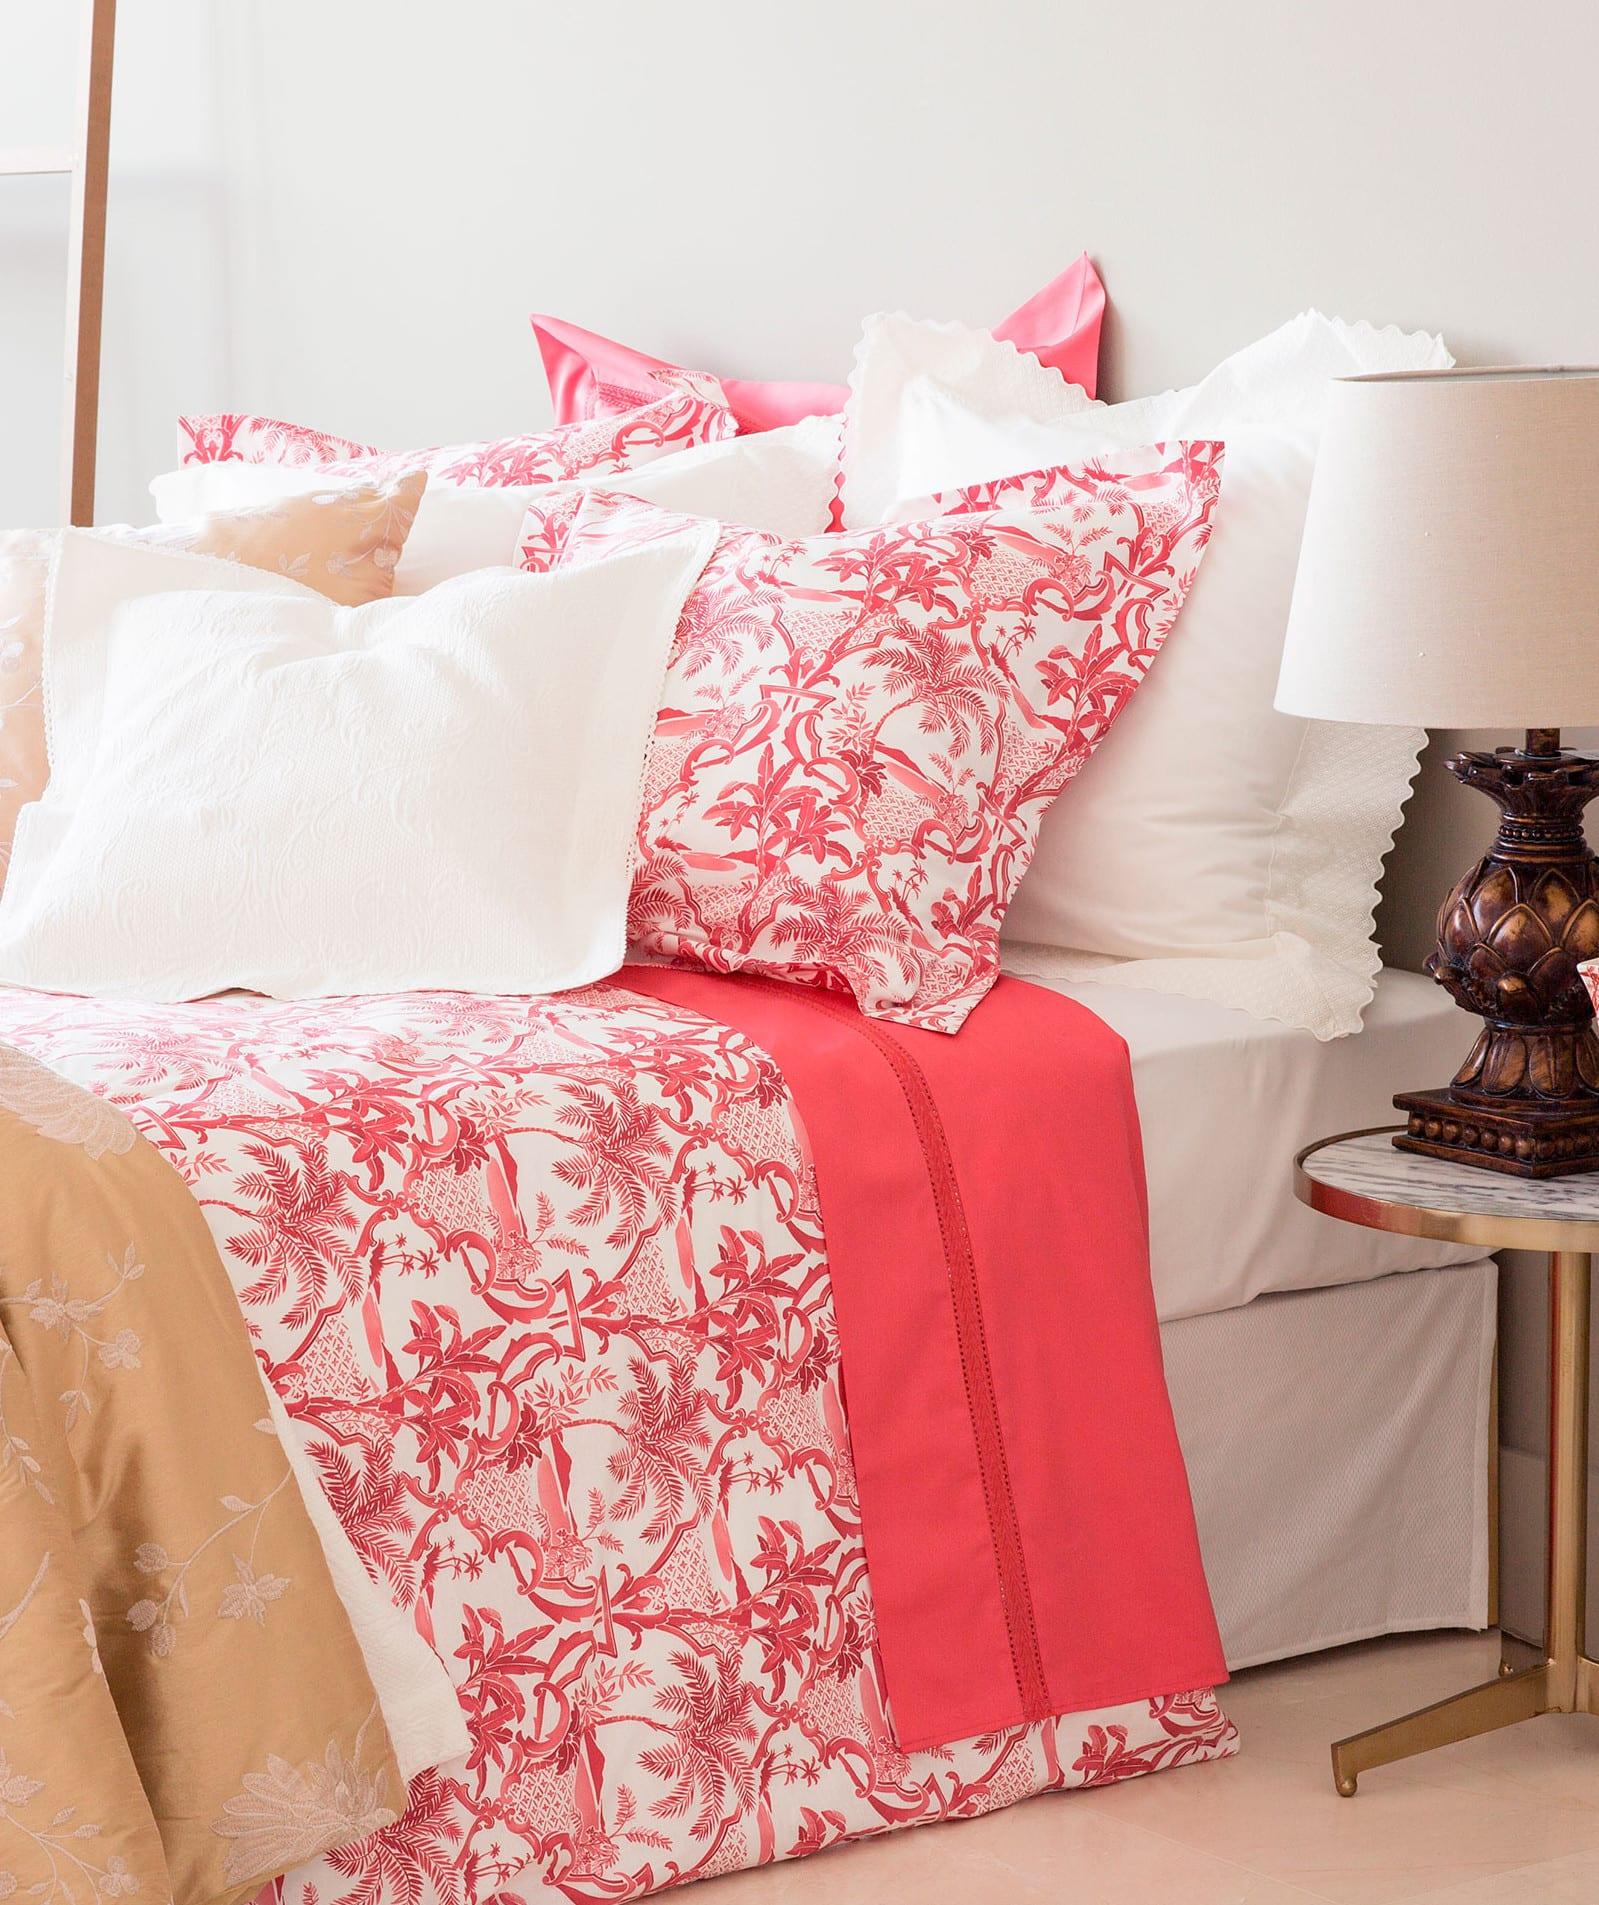 Winziges Schlafzimmer ist perfekt ideen für ihr haus design ideen